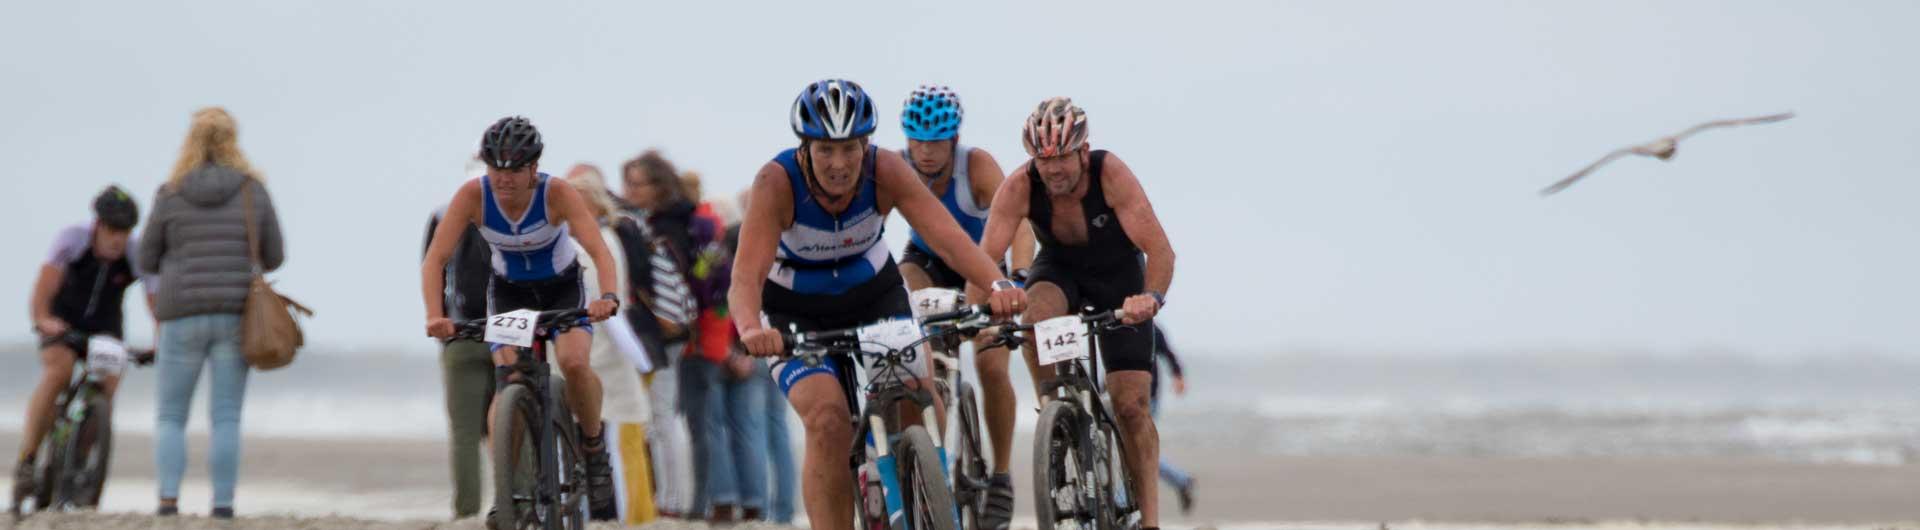 Tri-Ambla 2018 persbericht: Cross Triathleten strijden op het strand van Ameland